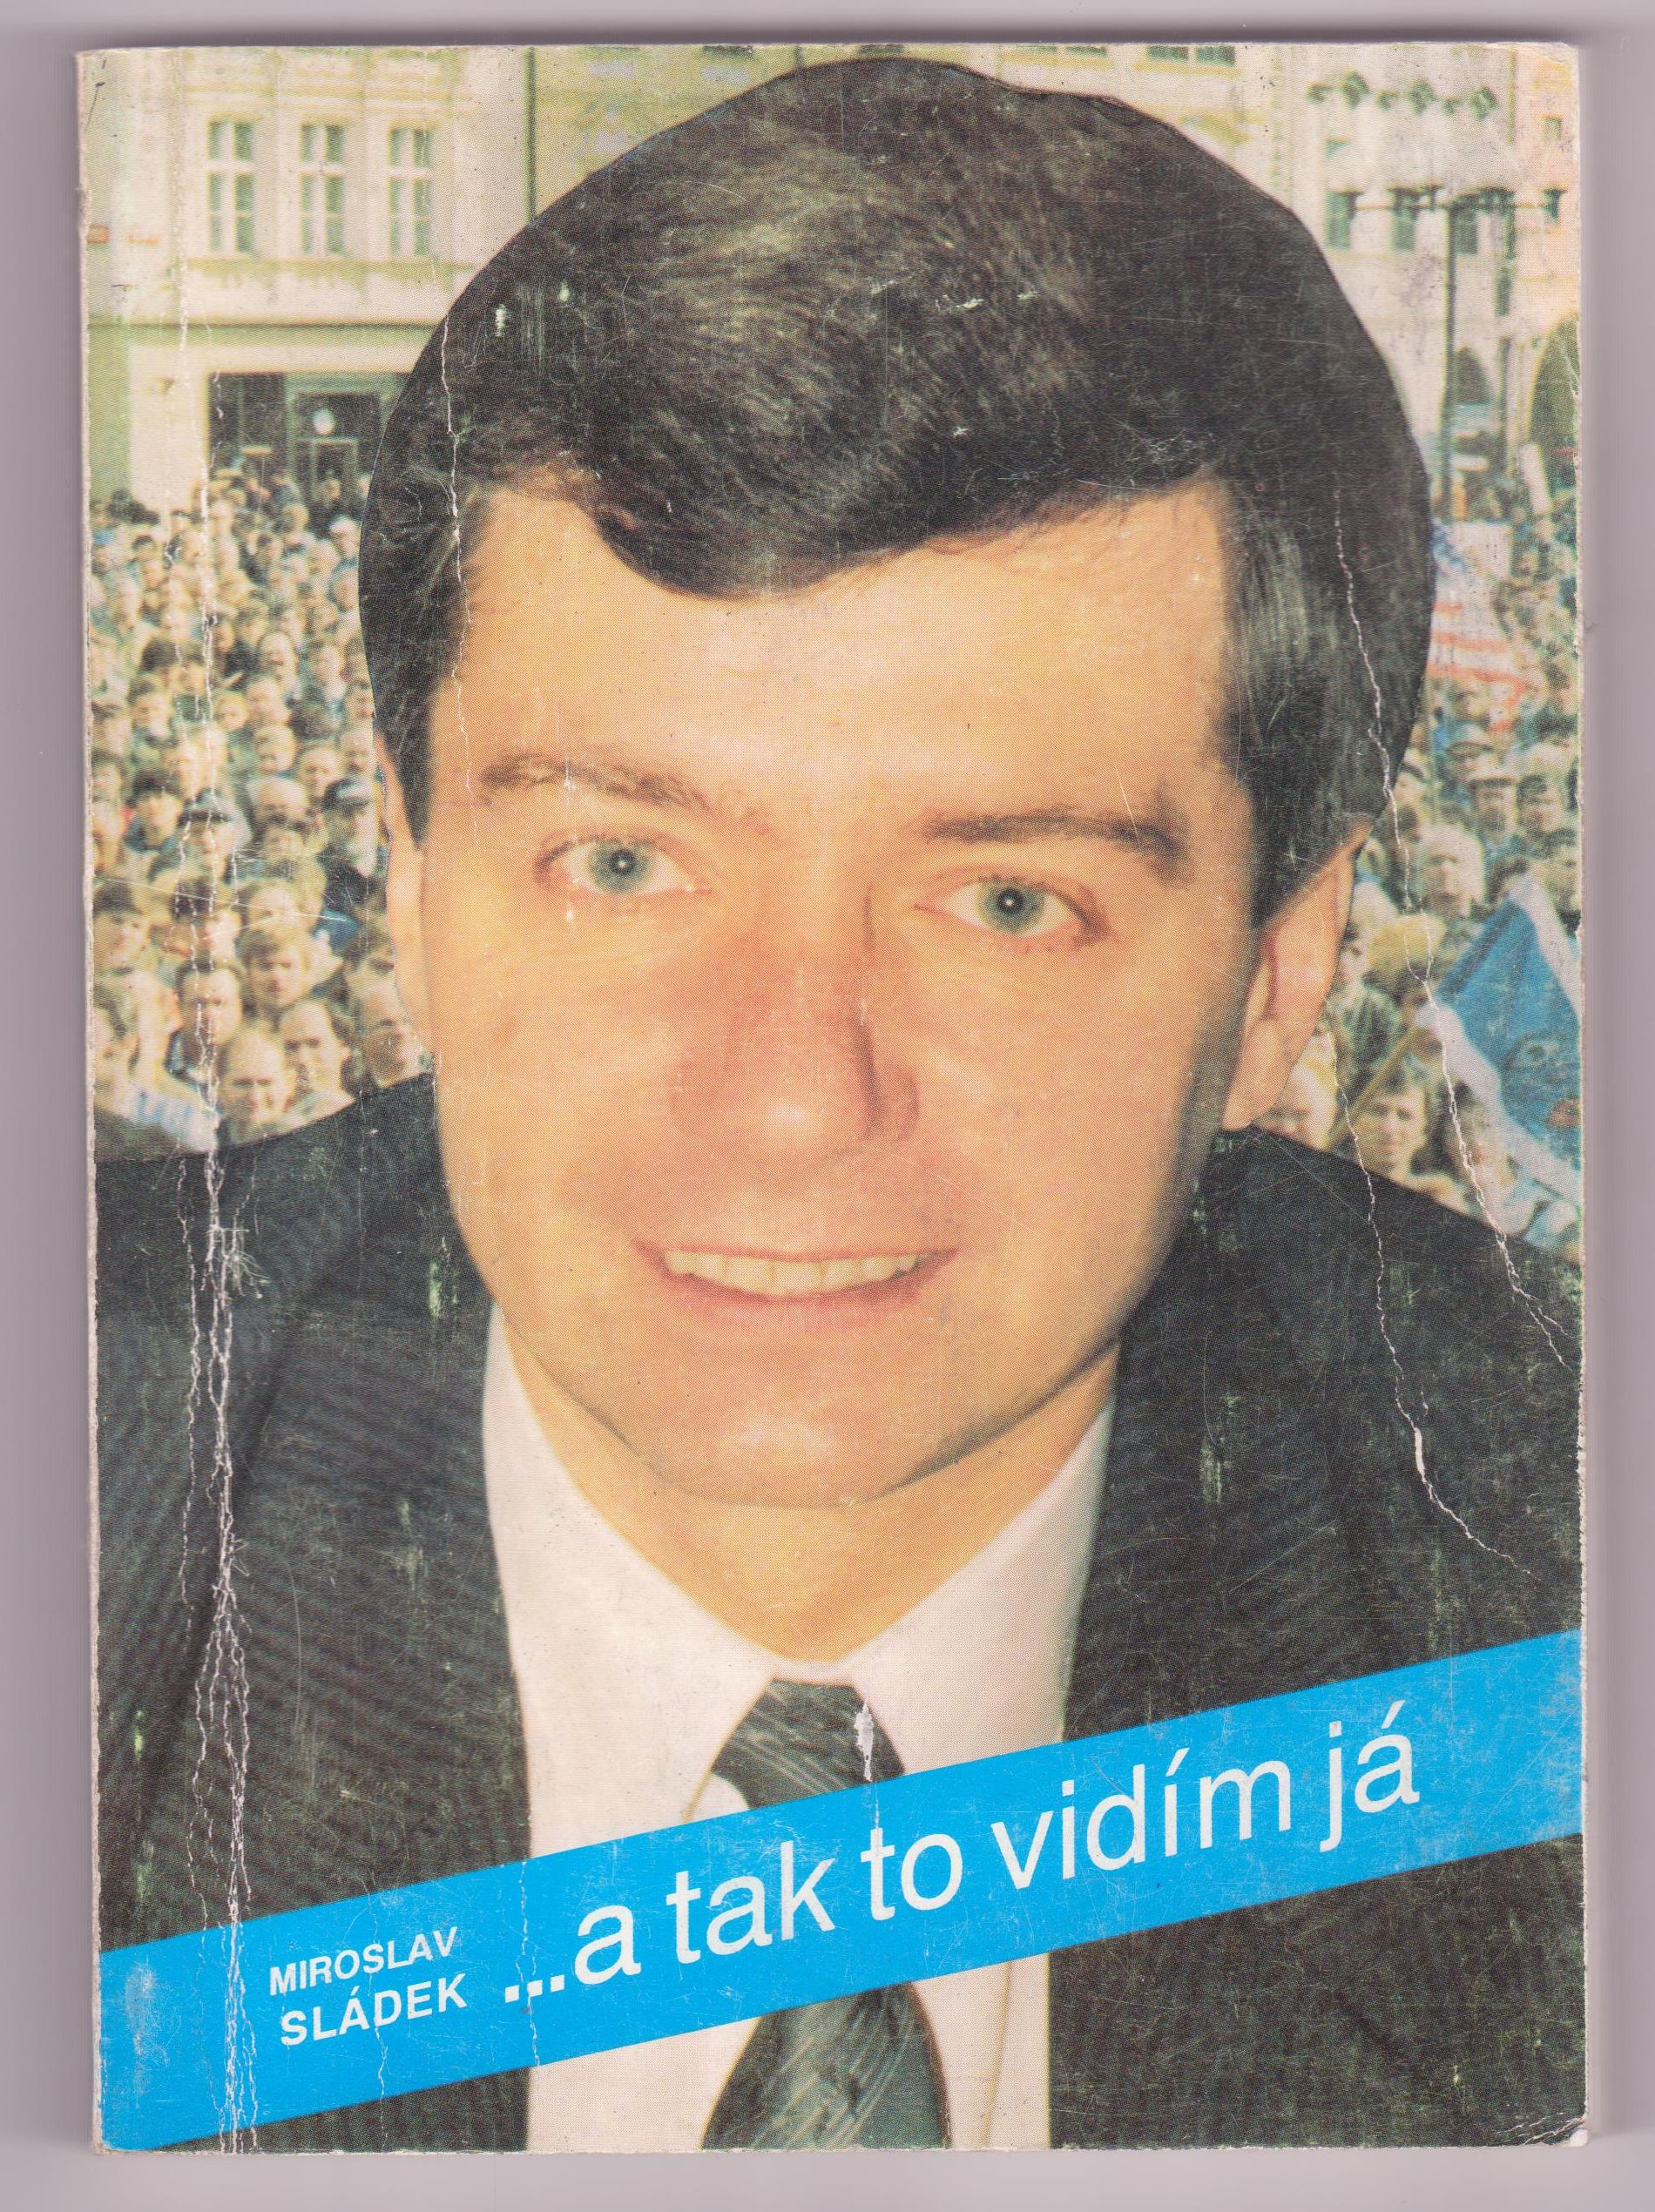 ... a tak to vidím já (Miroslav Sládek) - s podpisem Miroslava Sládka!